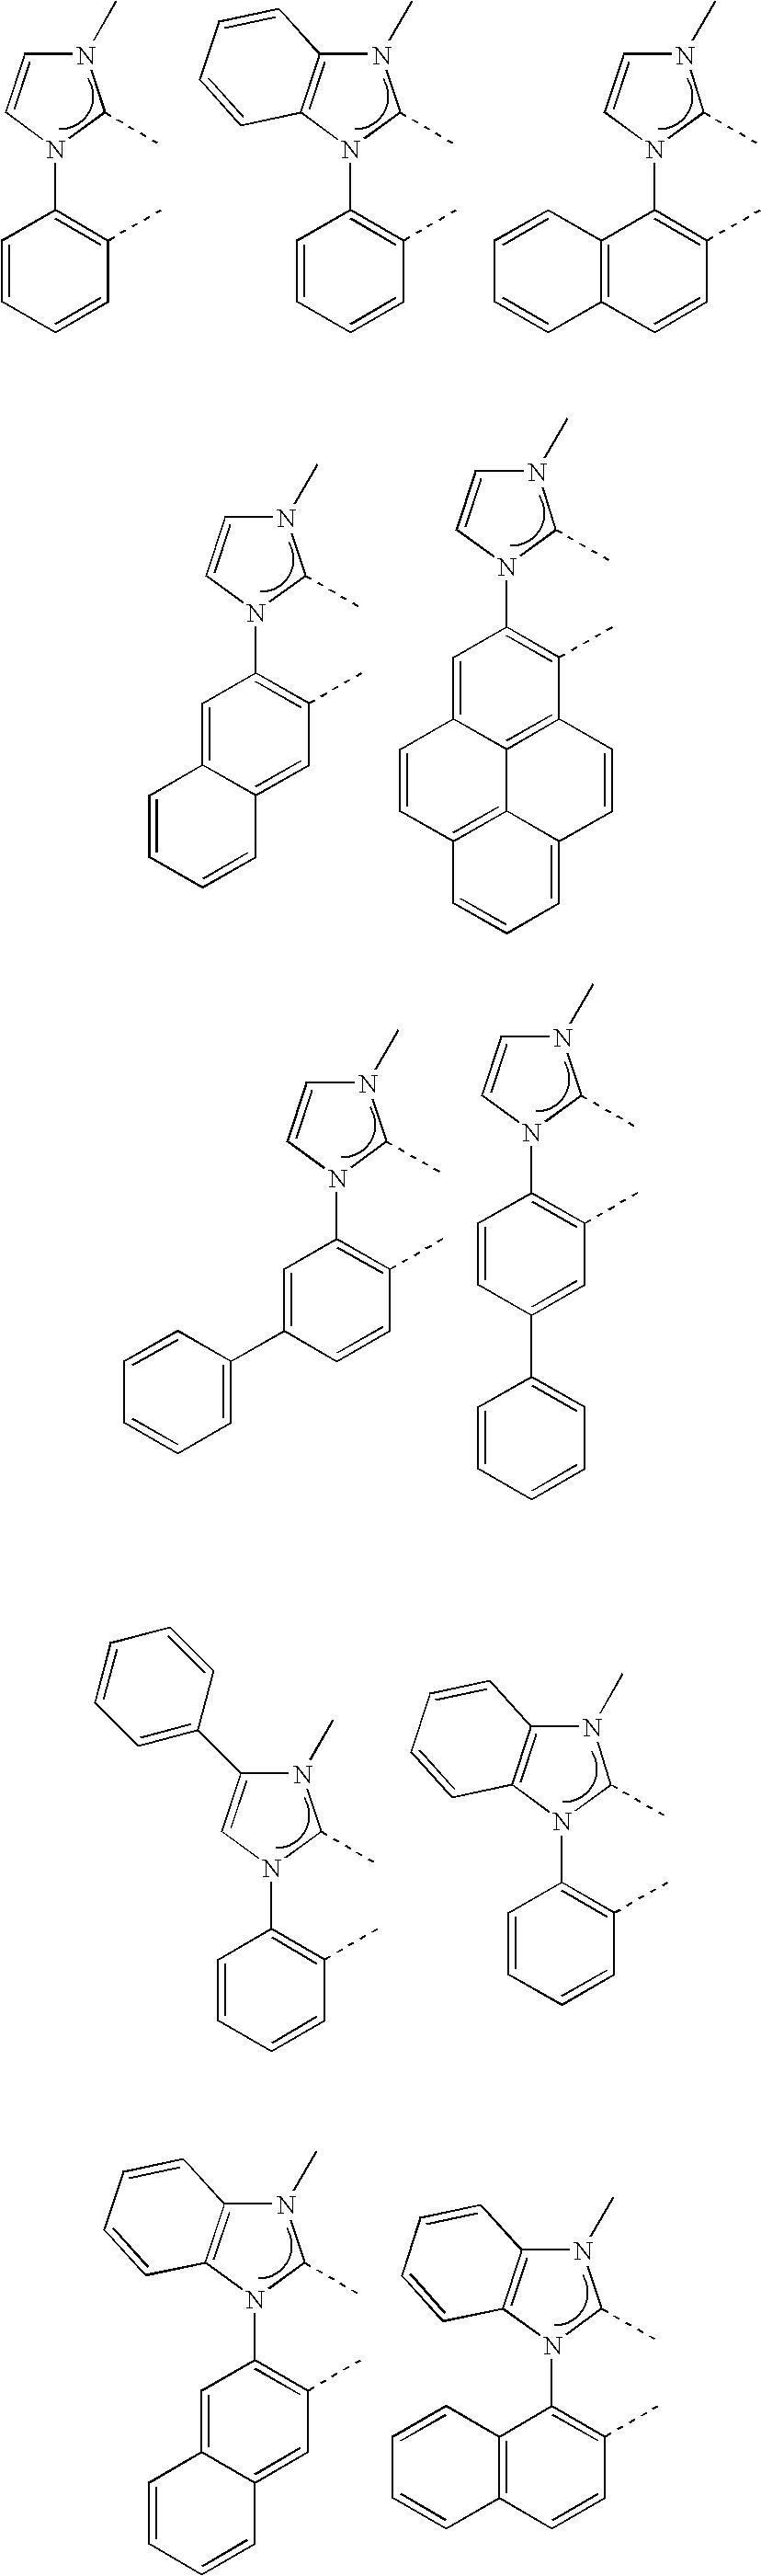 Figure US08007926-20110830-C00034